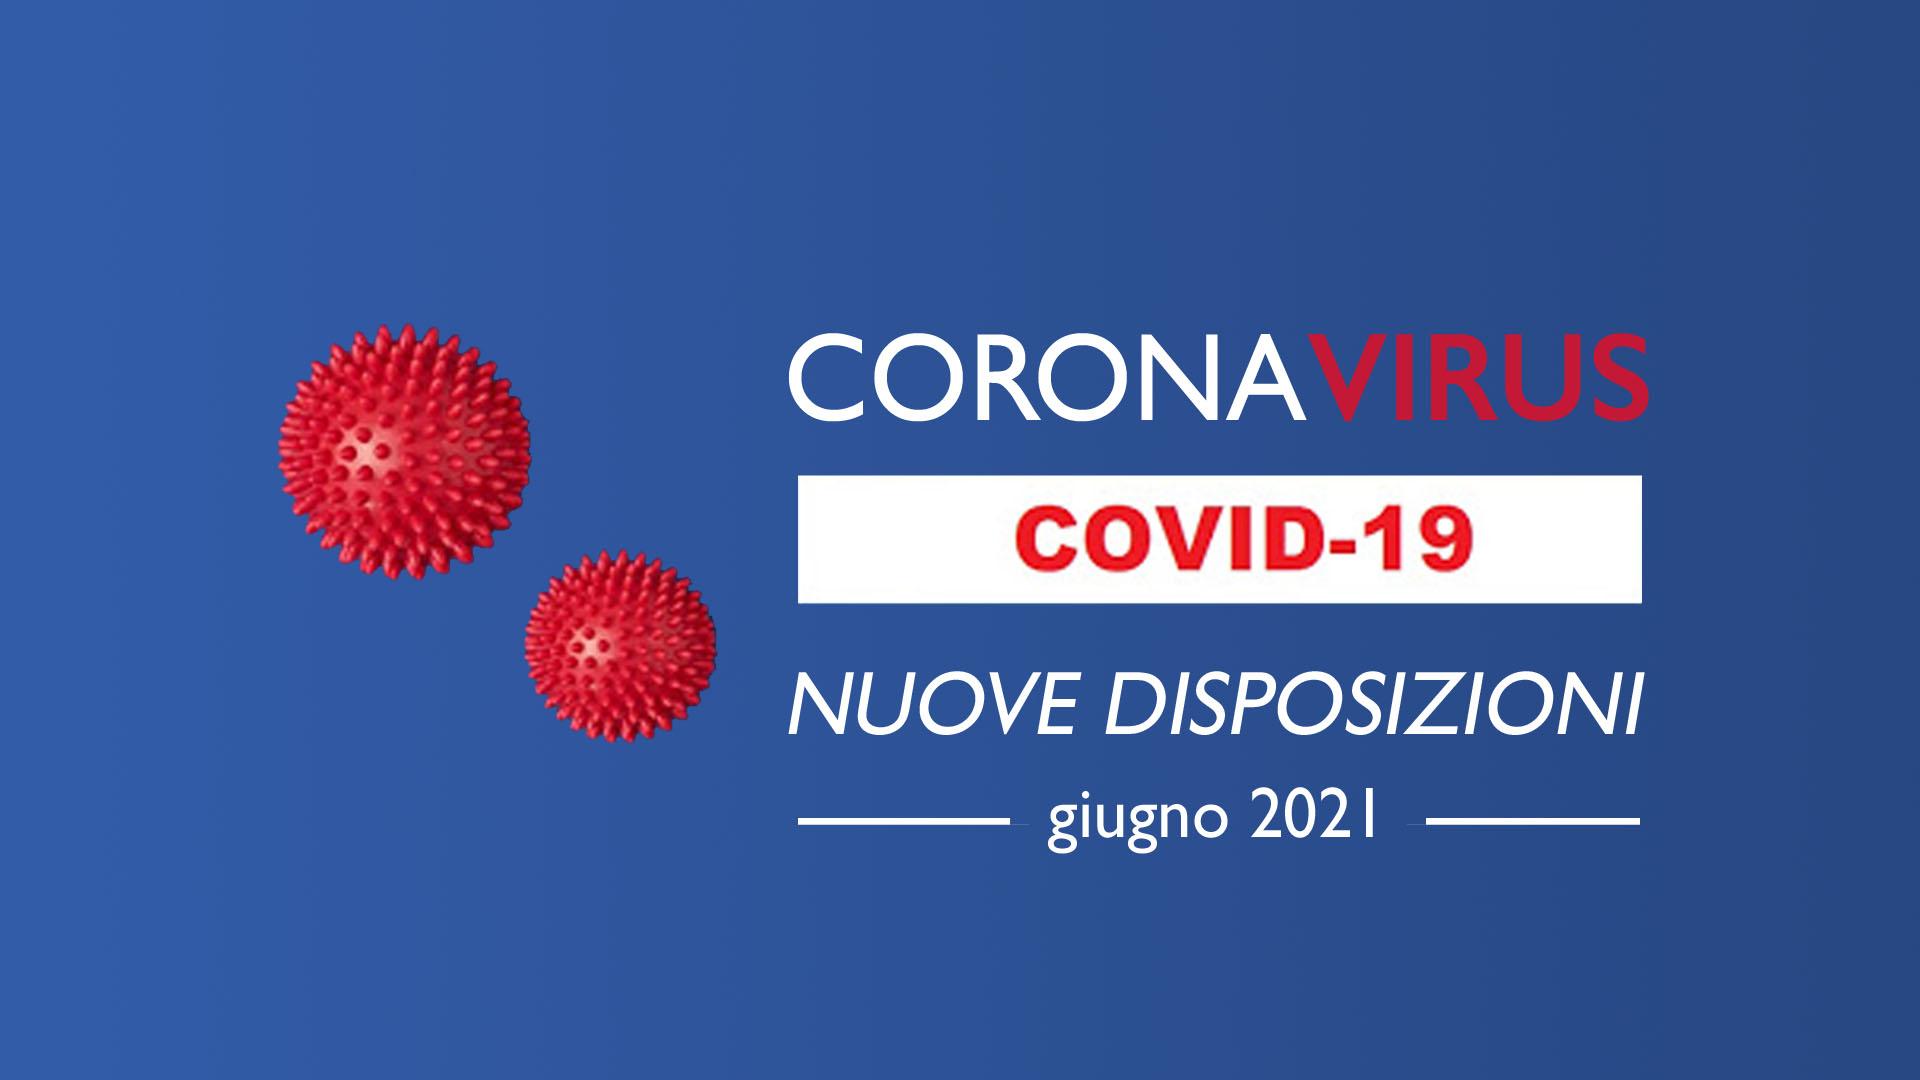 Nuove disposizioni coronavirus giugno 2021